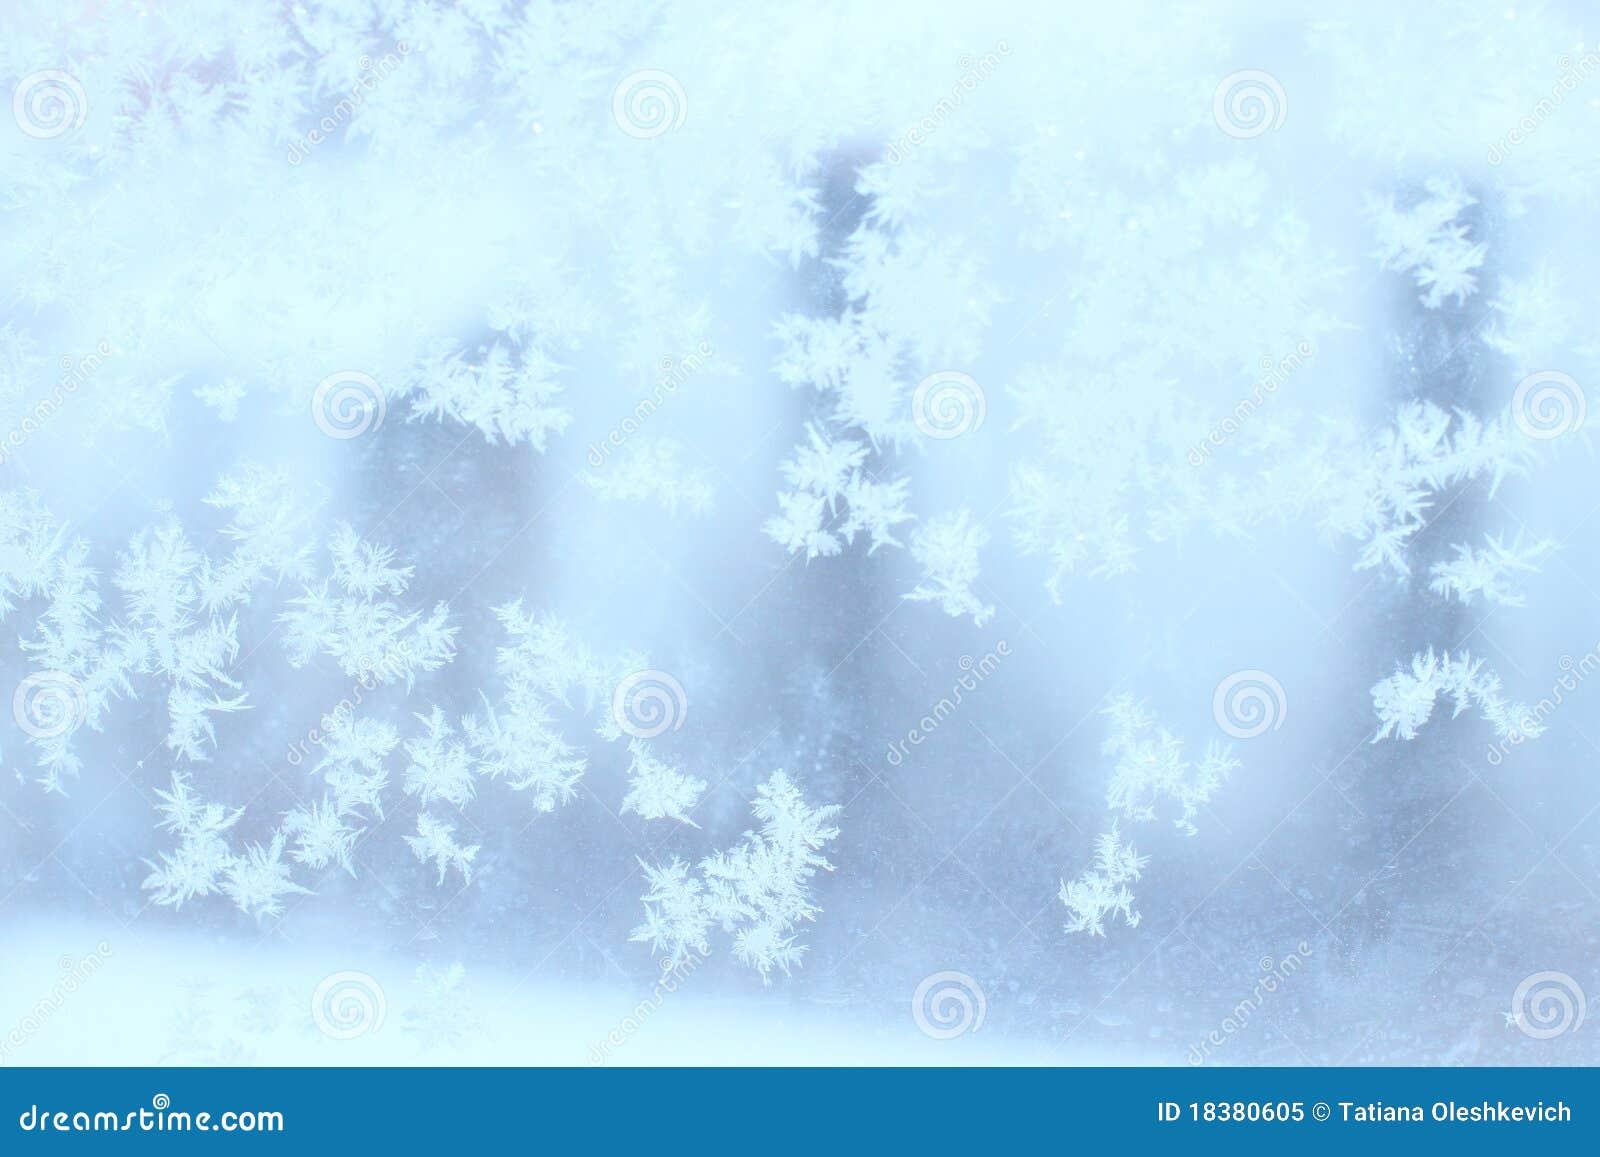 морозная естественная зима окна картины